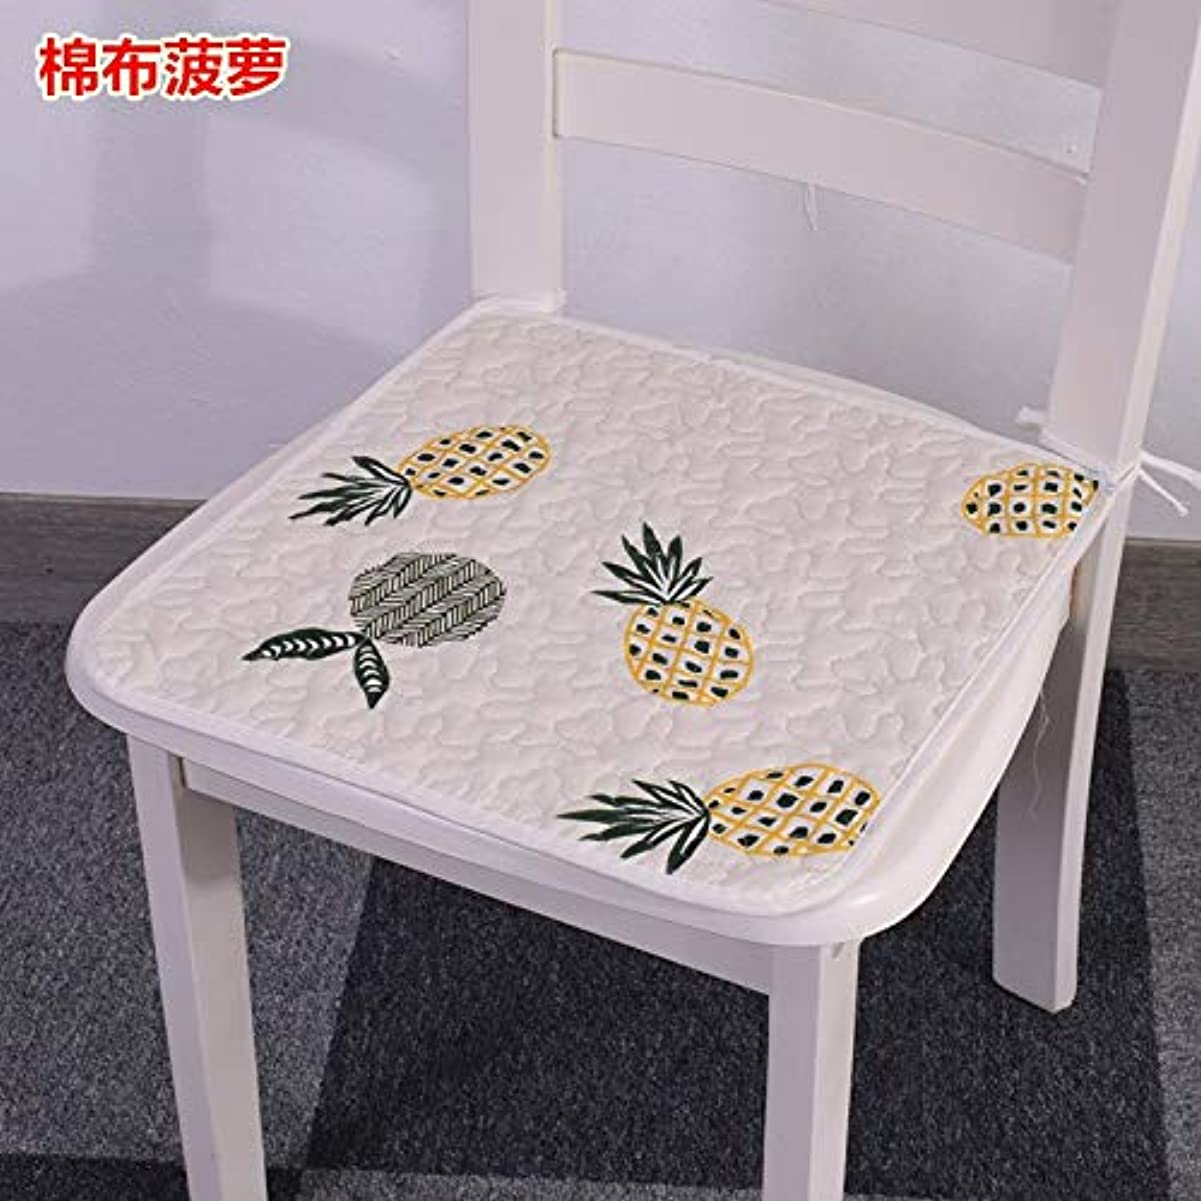 履歴書バイオレットニッケルLIFE 現代スーパーソフト椅子クッション非スリップシートクッションマットソファホームデコレーションバッククッションチェアパッド 40*40/45*45/50*50 センチメートル クッション 椅子